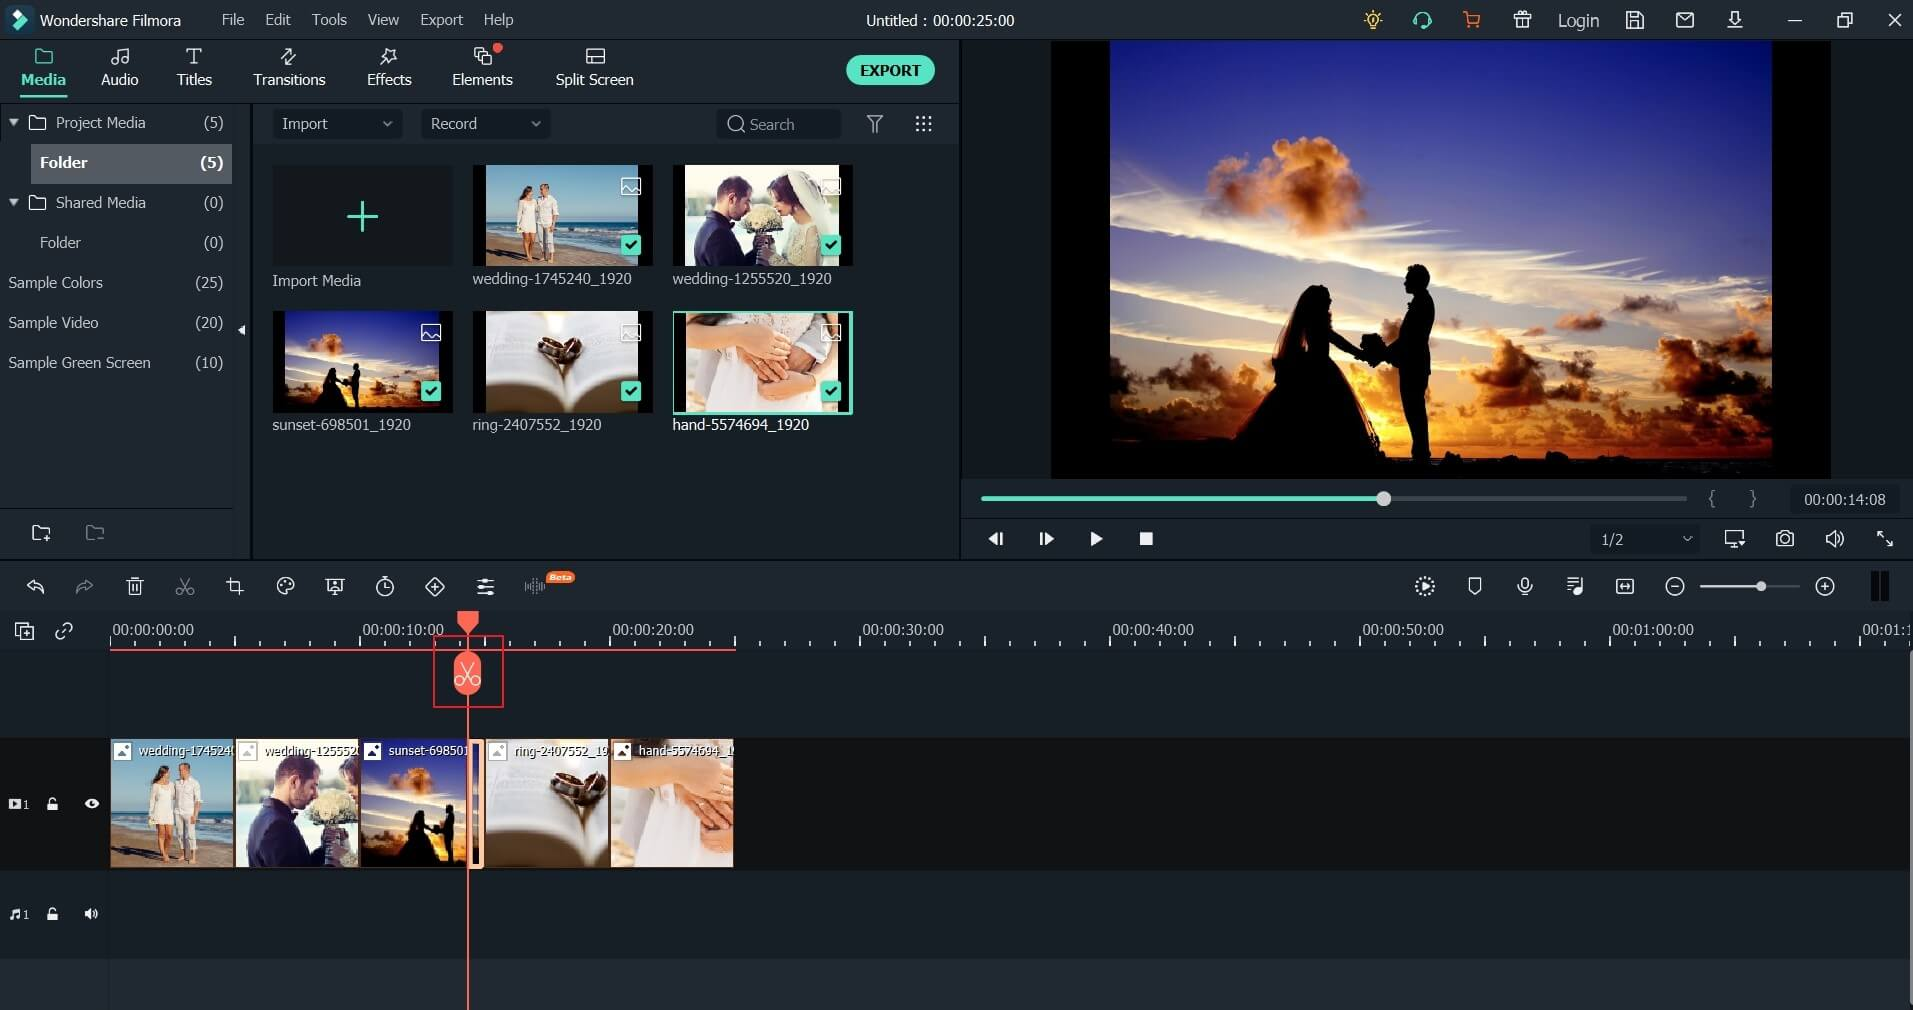 Basic editing in Filmora